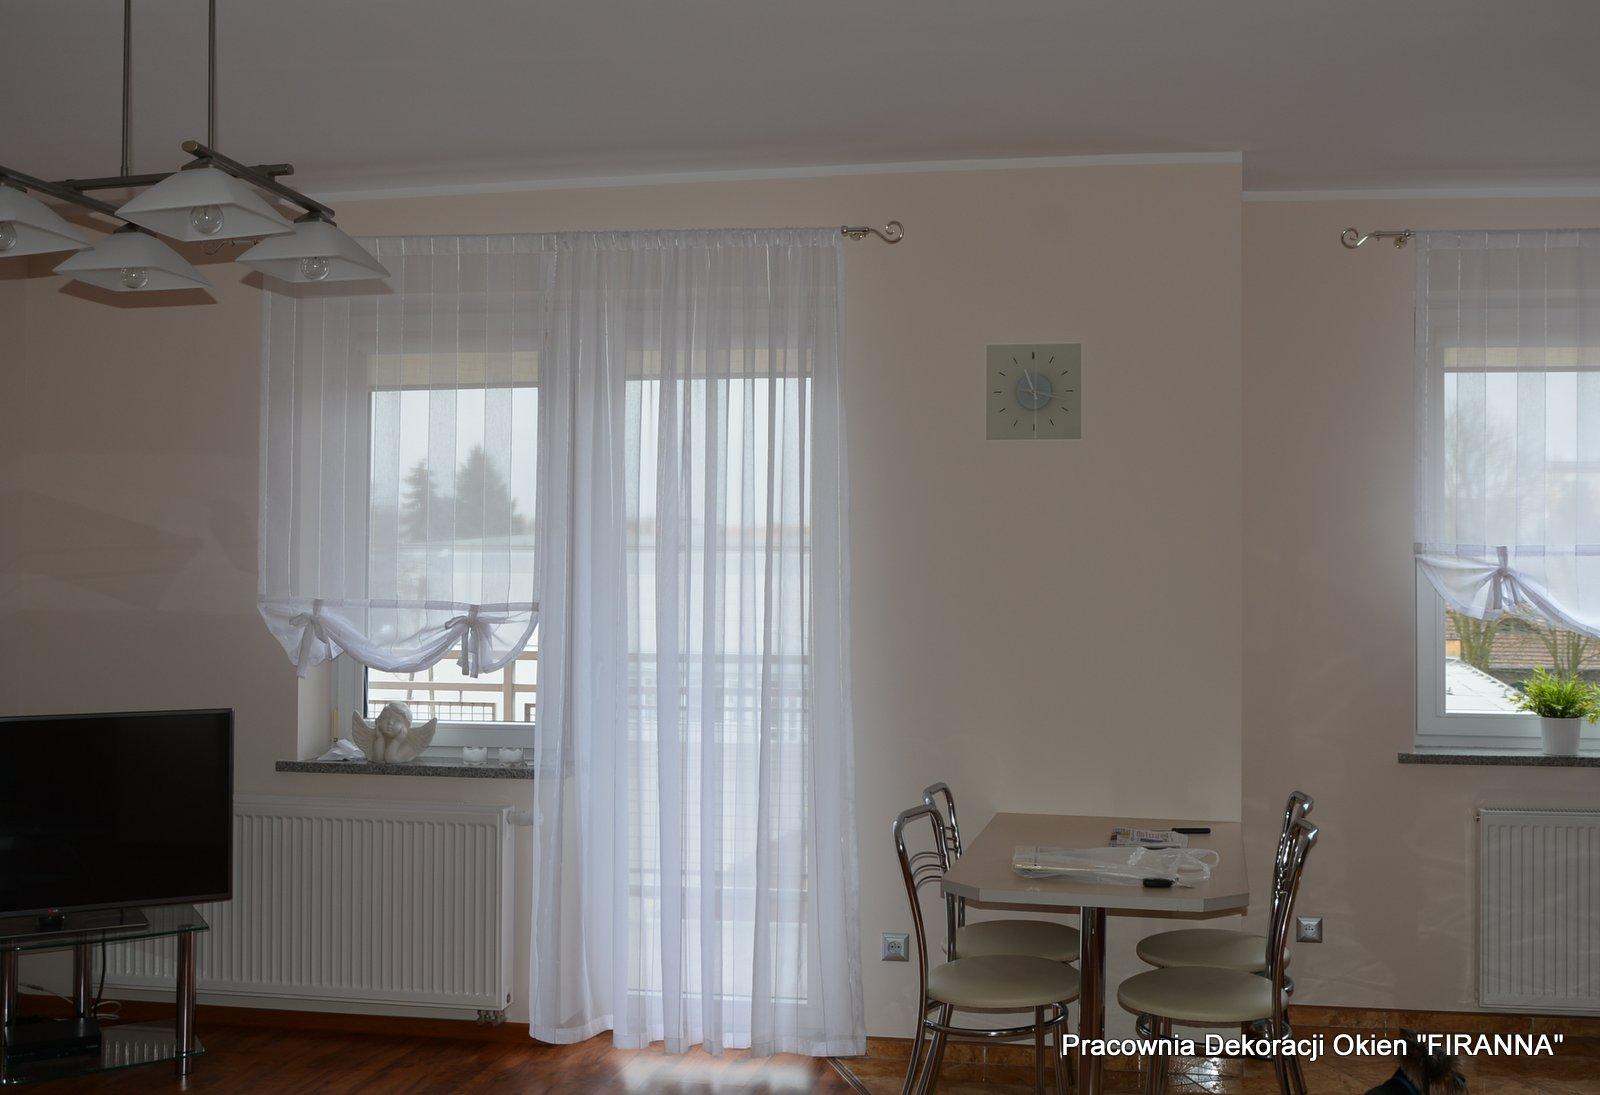 Pracownia Dekoracji Okien Firanna Salon Z Aneksem Kuchennym